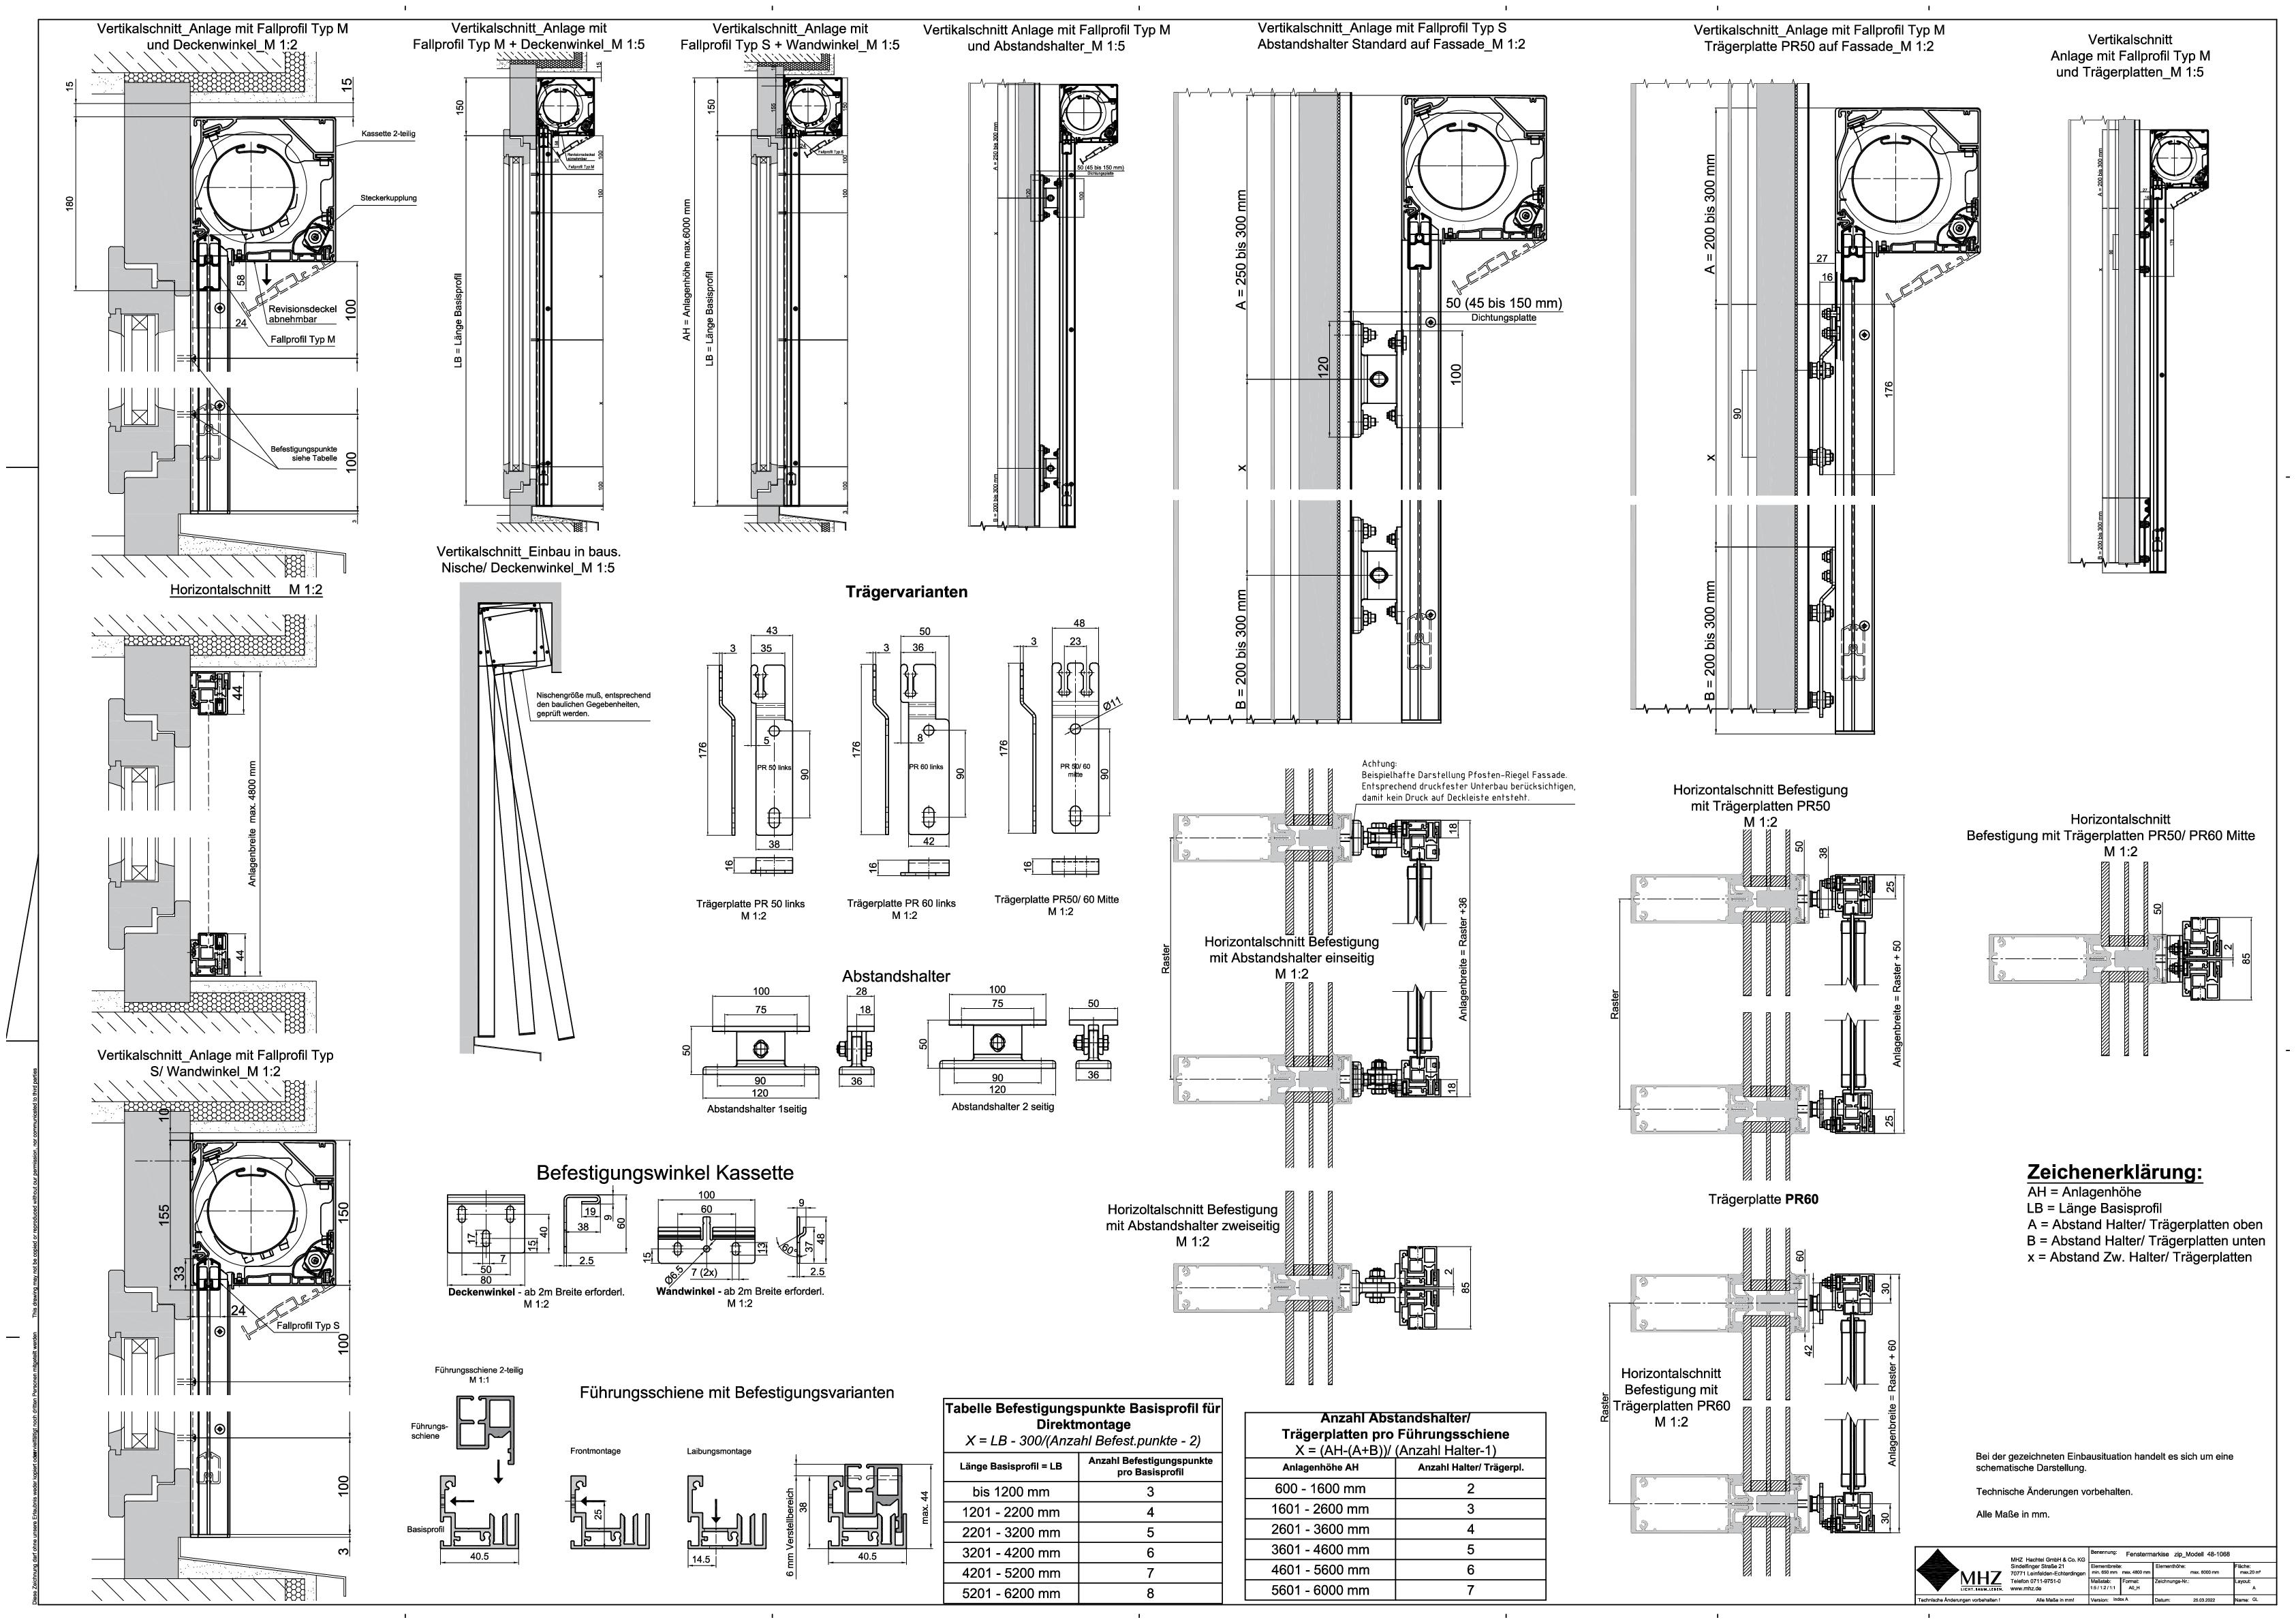 Technische Zeichnung Fenstermarkisen zip_2.0 48-1068 (dwg)